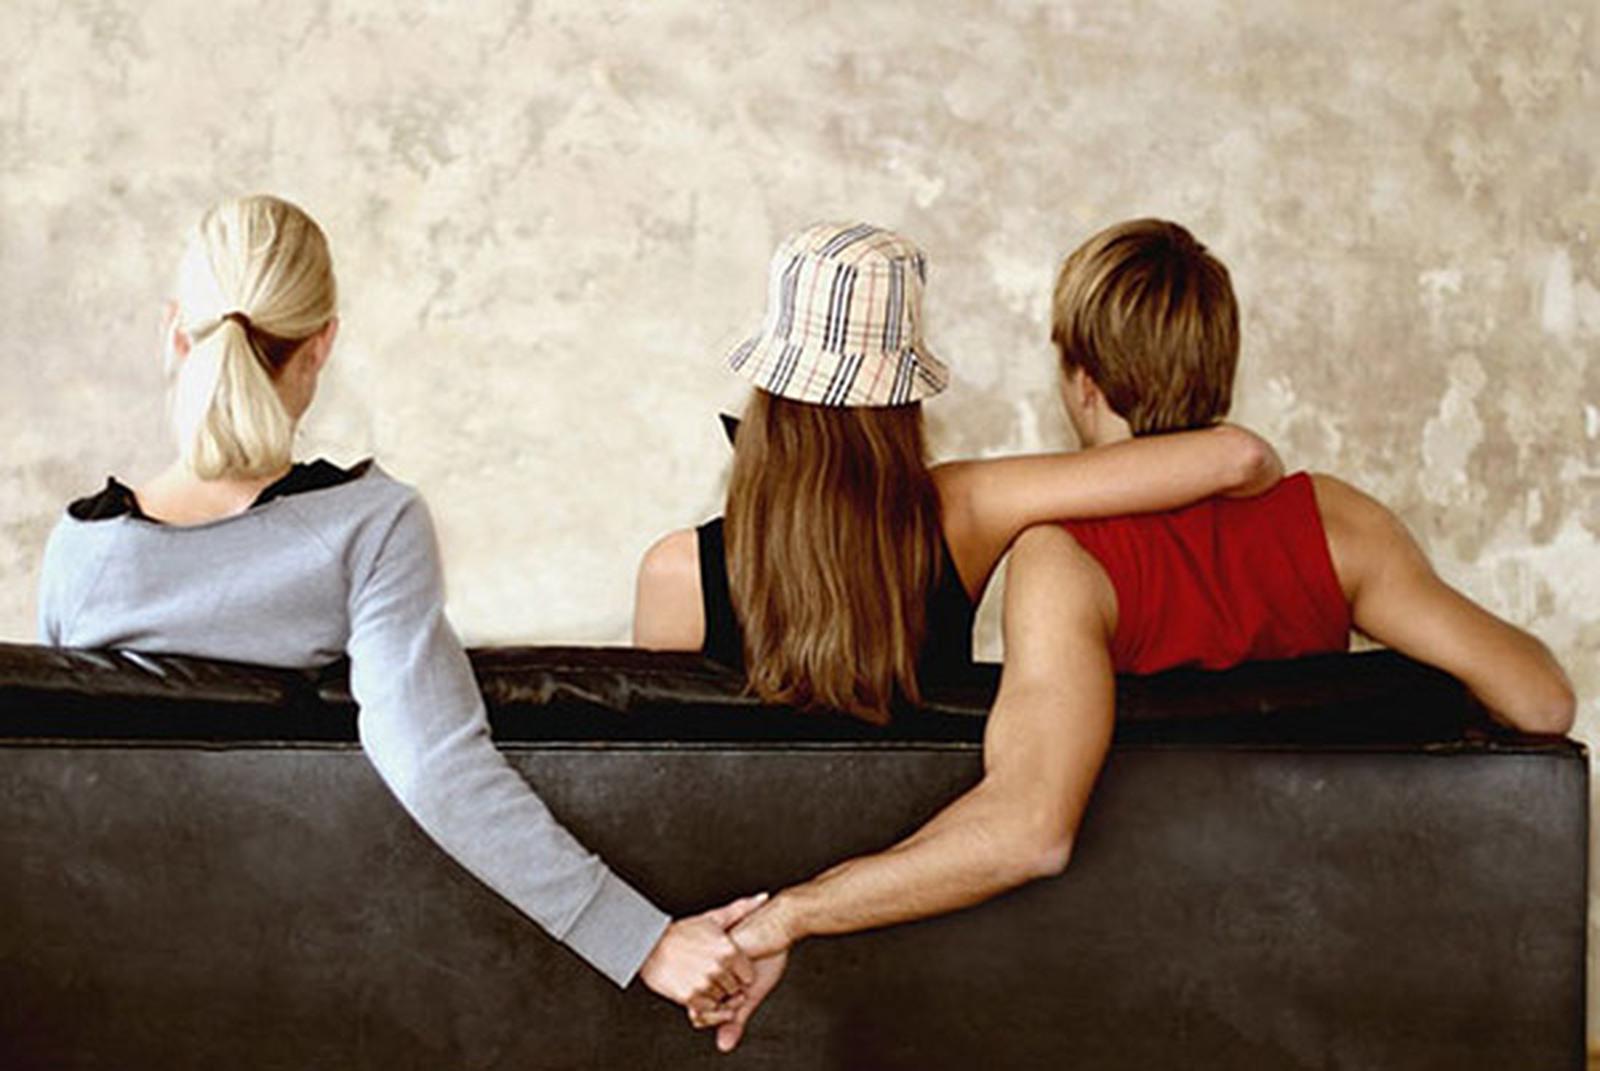 Dex flirta, flirta, definiţie flirta, naser-restaurant.ro